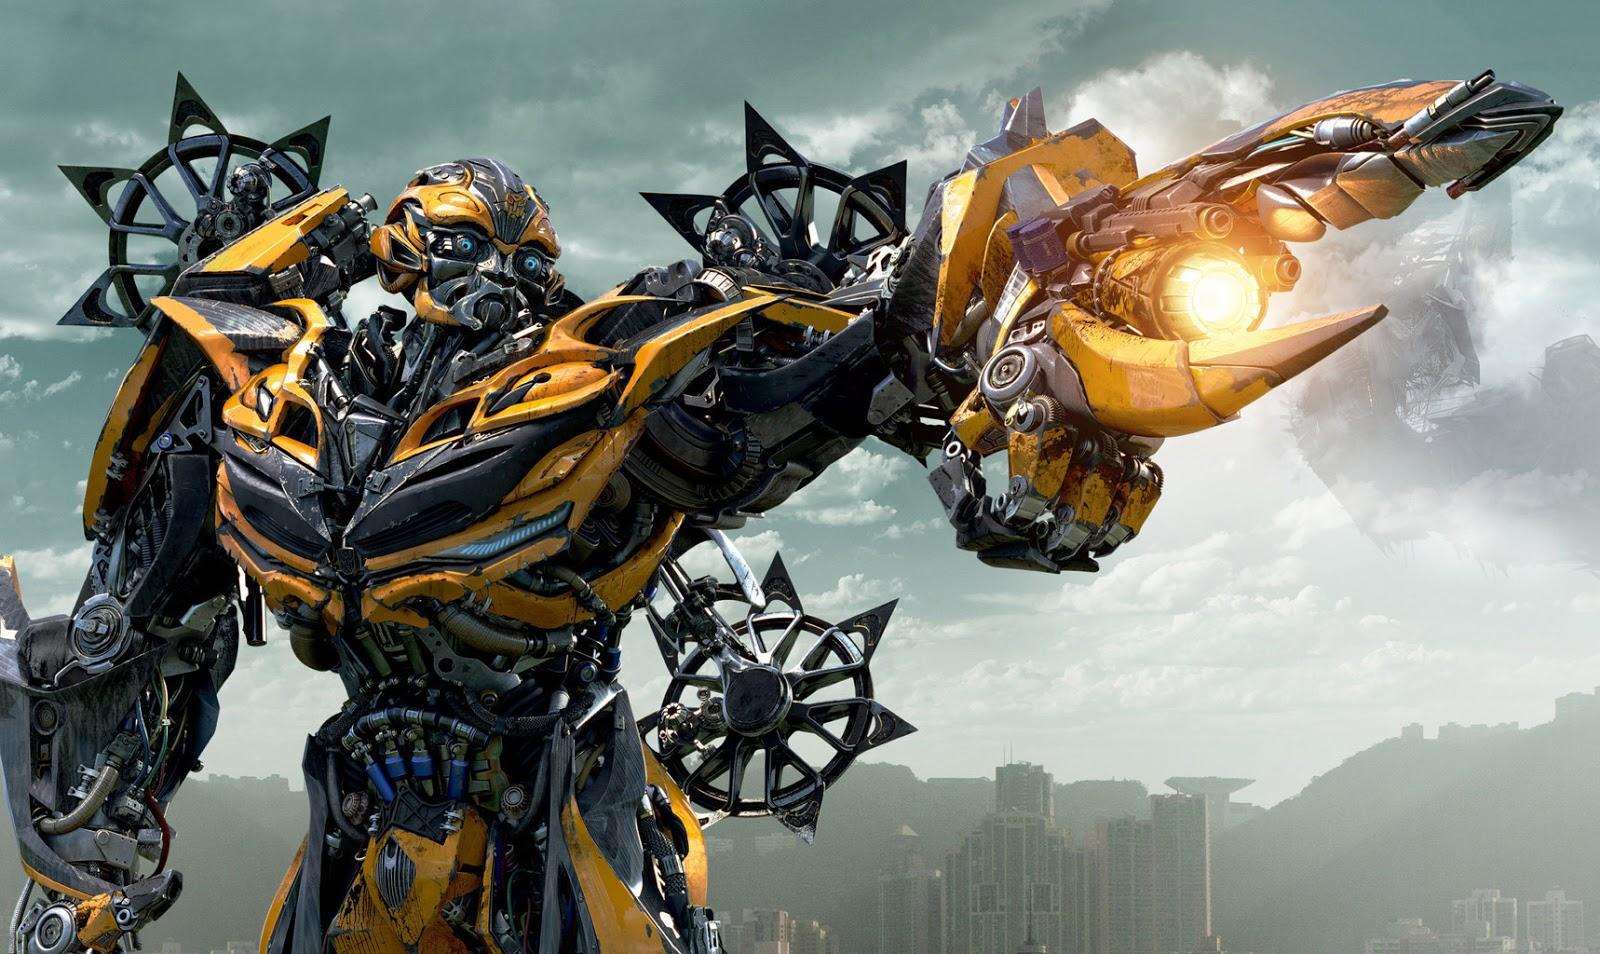 """Phim Transformer: Bumblebee """"Đại chiến robot 6"""" 12/2018"""